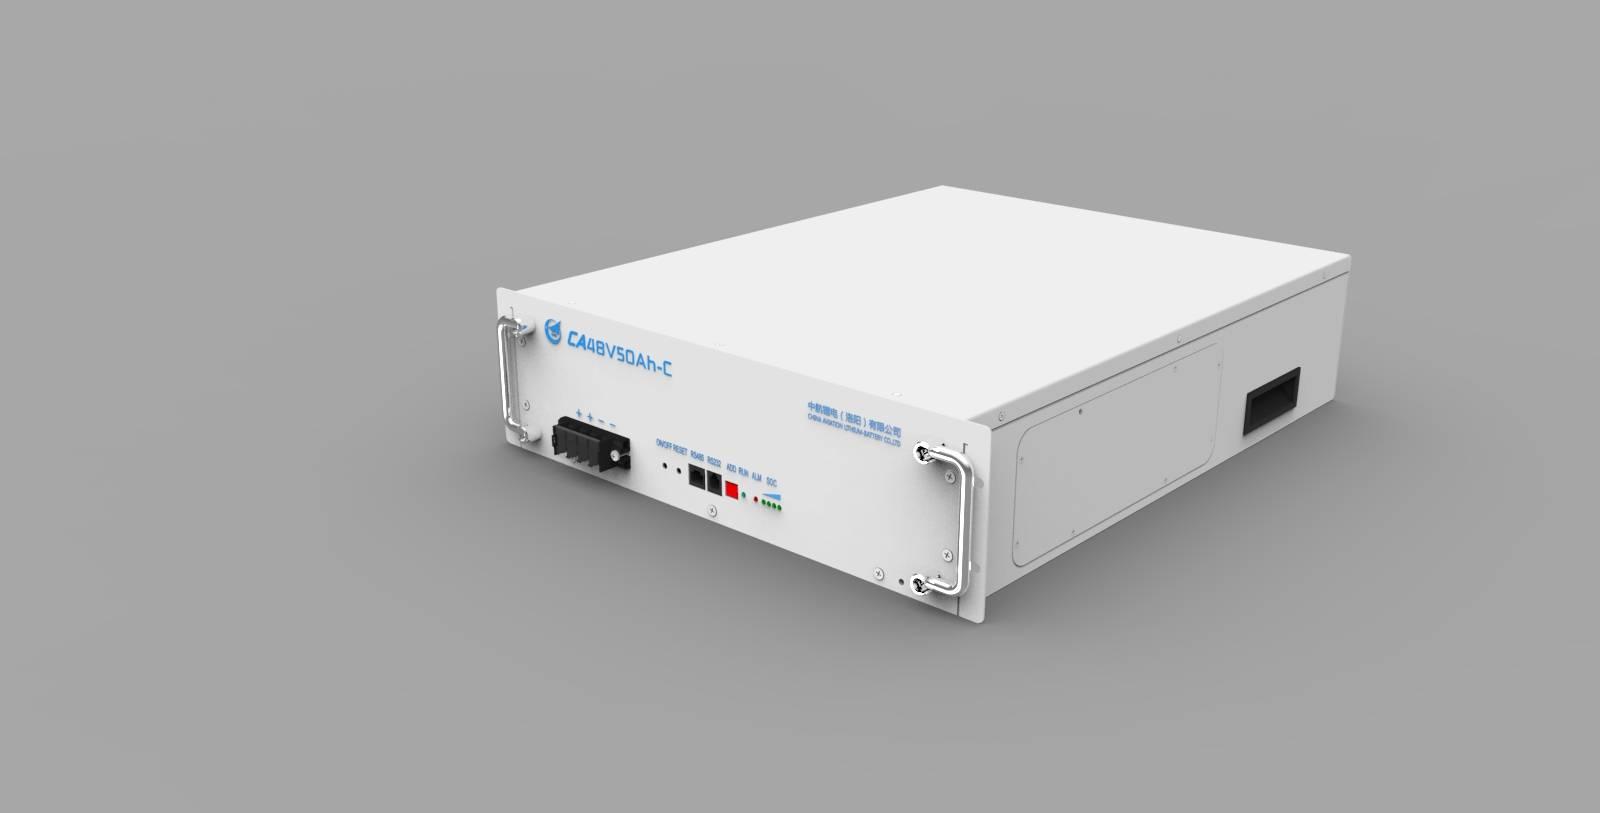 48V50Ah lithium battery pack